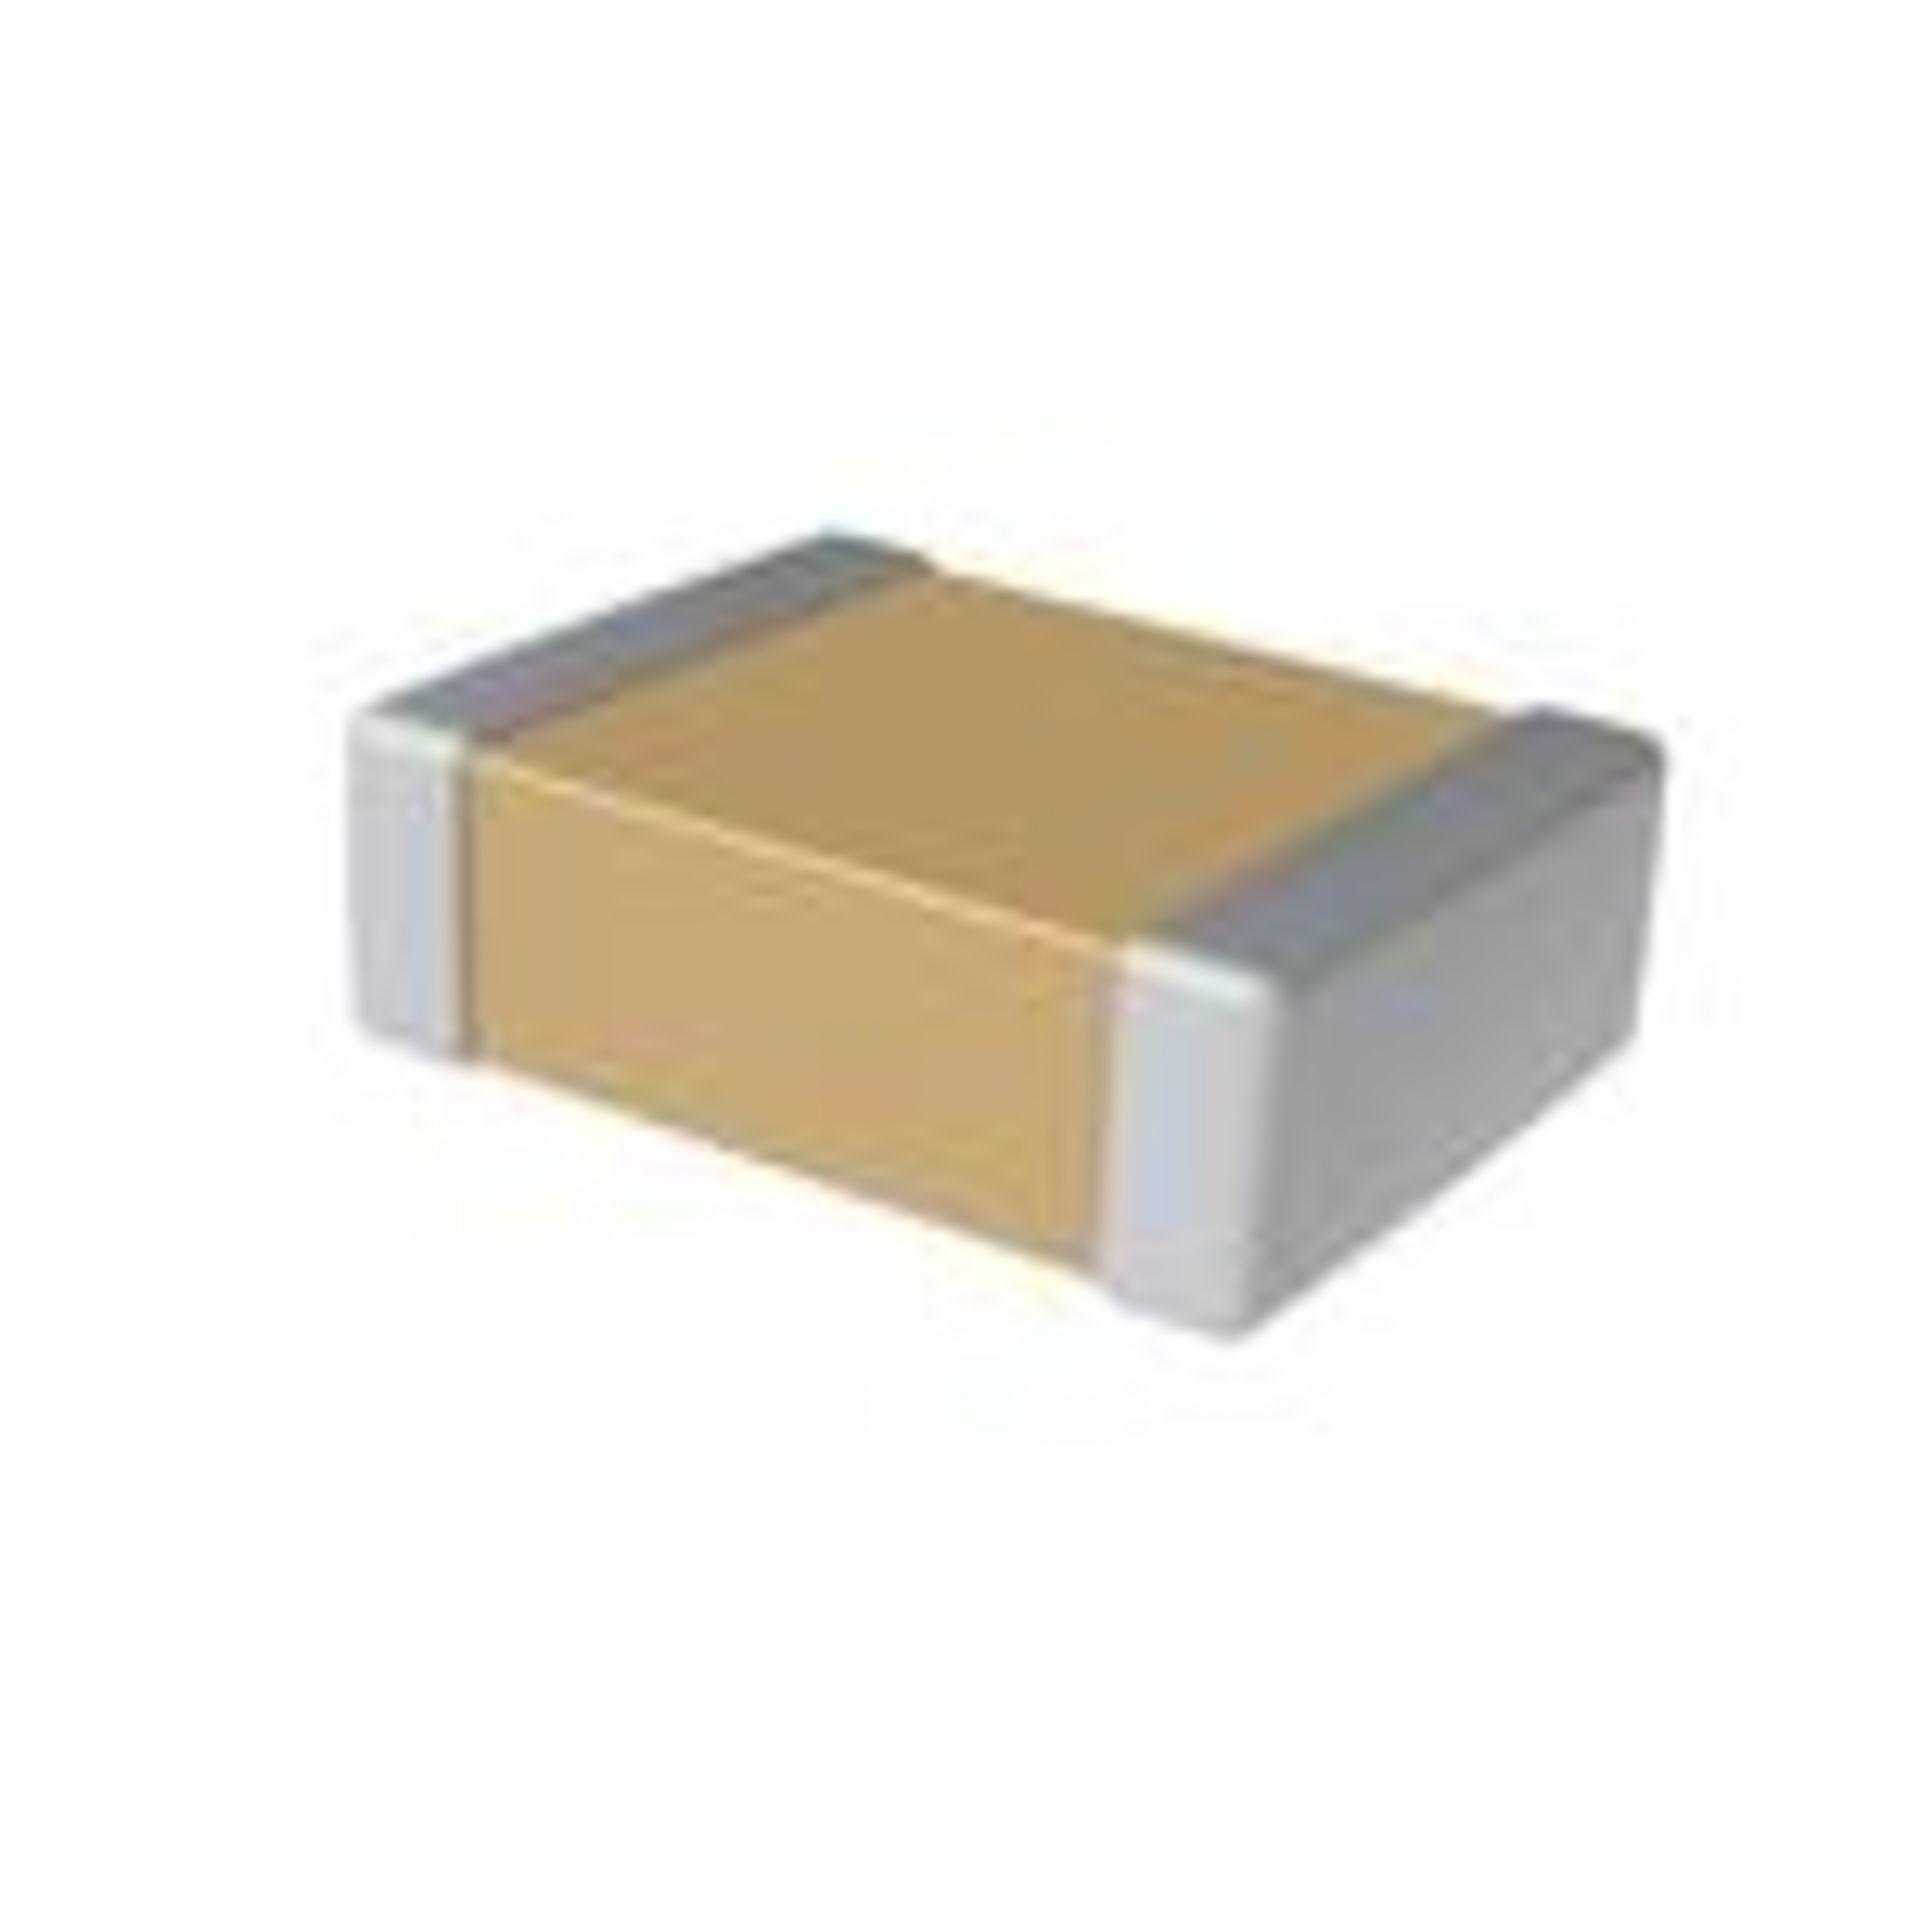 KEMET Corporation C1210C107M9PACTU Capacitor Ceramic Multilayer, Cap Ceramic 100uF 6.3V X5R 20%